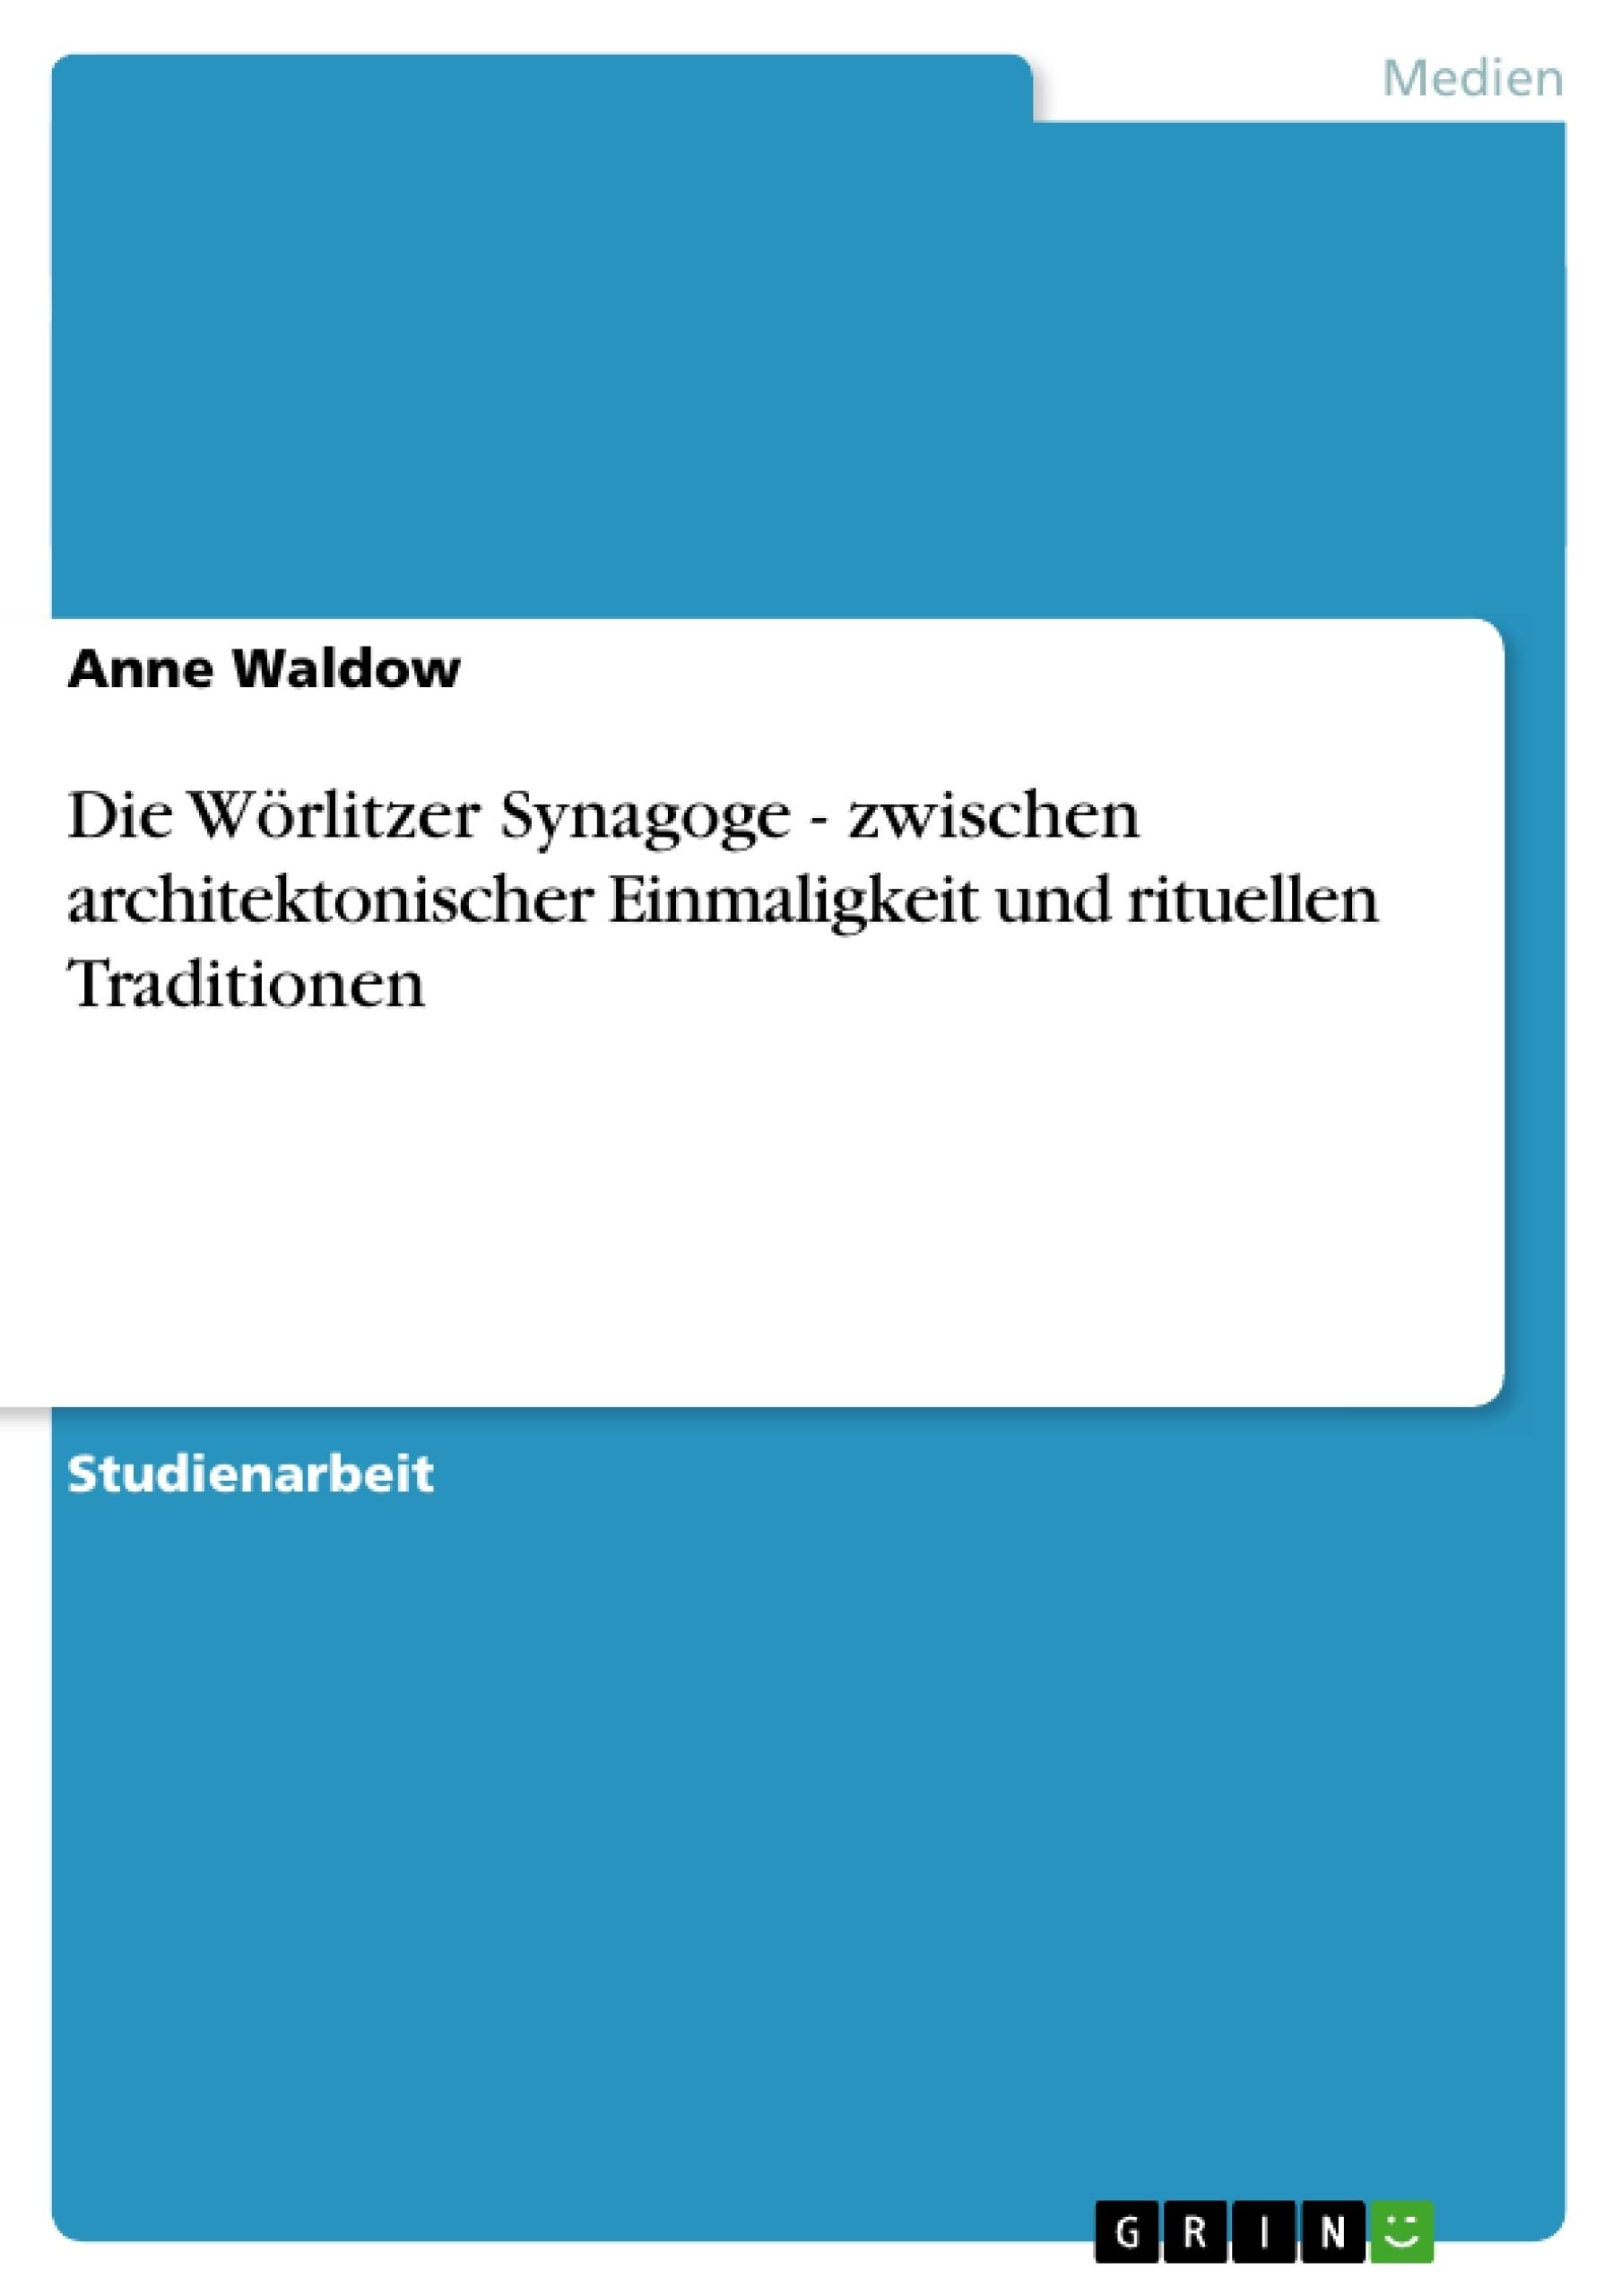 Titel: Die Wörlitzer Synagoge - zwischen architektonischer Einmaligkeit und rituellen Traditionen